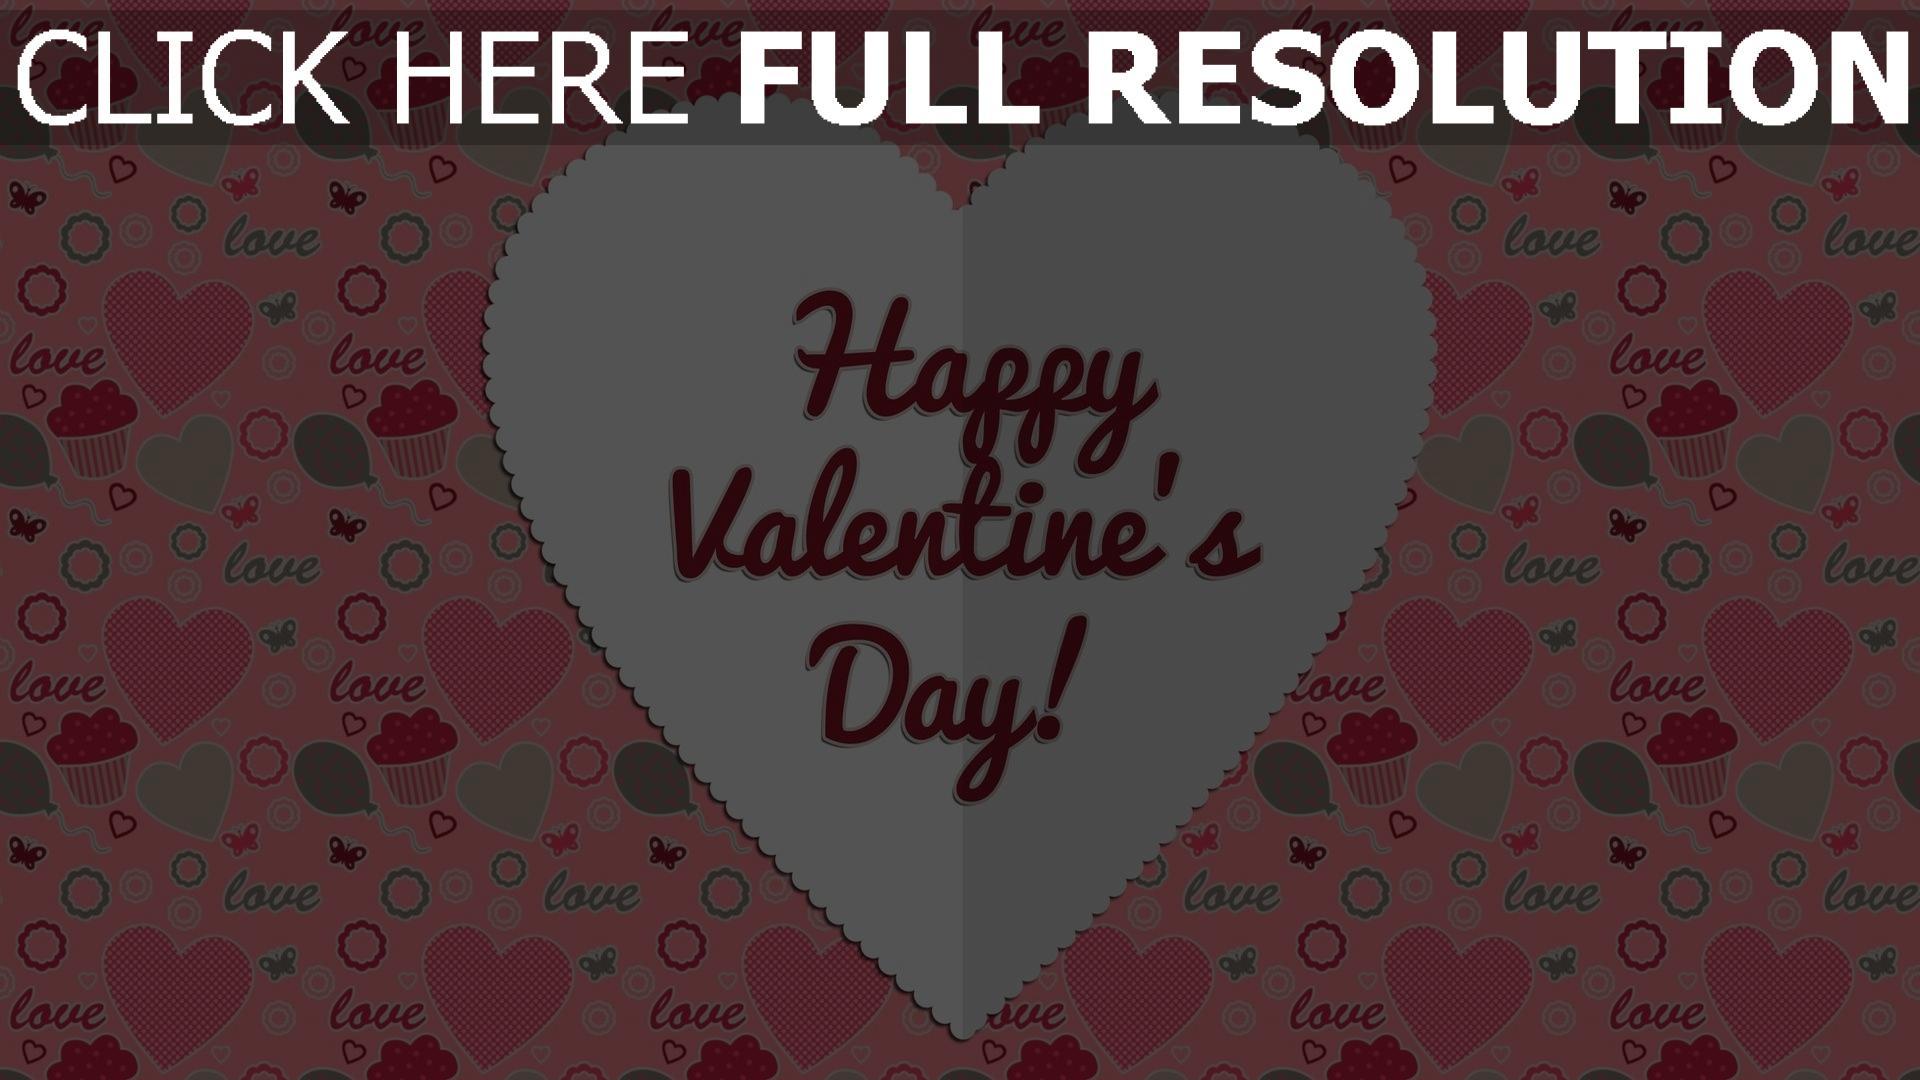 Schön Hd Hintergrundbilder Valentinstag Herzen Formen Rosa Glückwünsche  Hintergrund 1920x1080